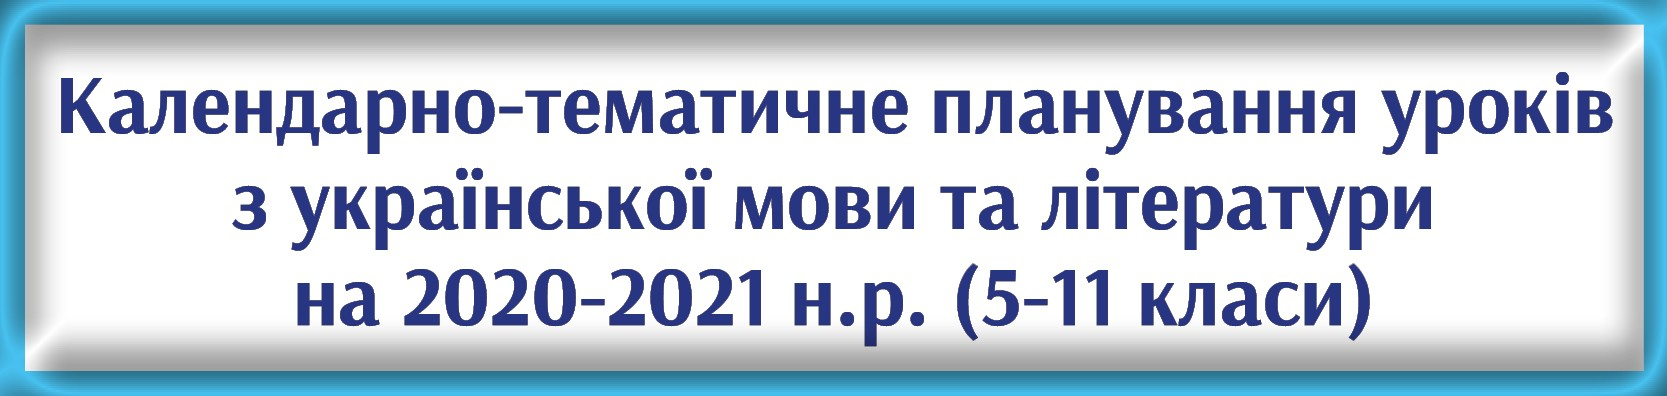 Календарно-тематичне планування уроків з української мови та літератури на 2020-2021 н.р. (5-11 класи)